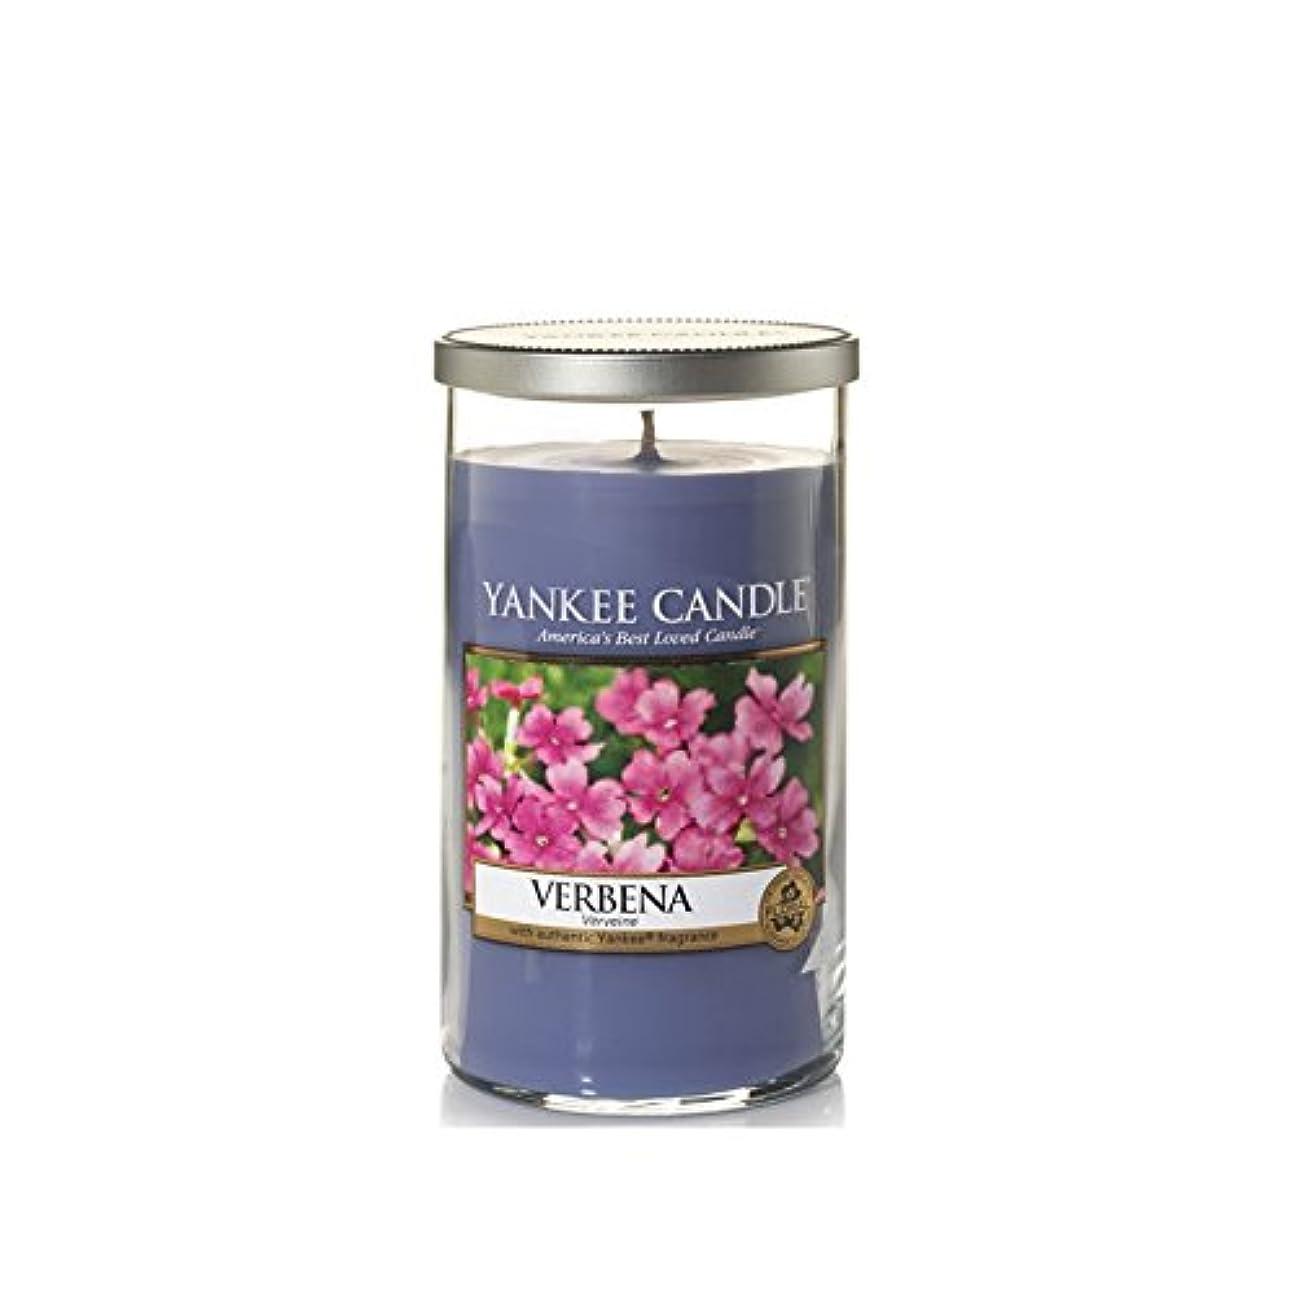 私たちのイソギンチャク三角Yankee Candles Medium Pillar Candle - Verbena (Pack of 2) - ヤンキーキャンドルメディアピラーキャンドル - バーベナ (x2) [並行輸入品]